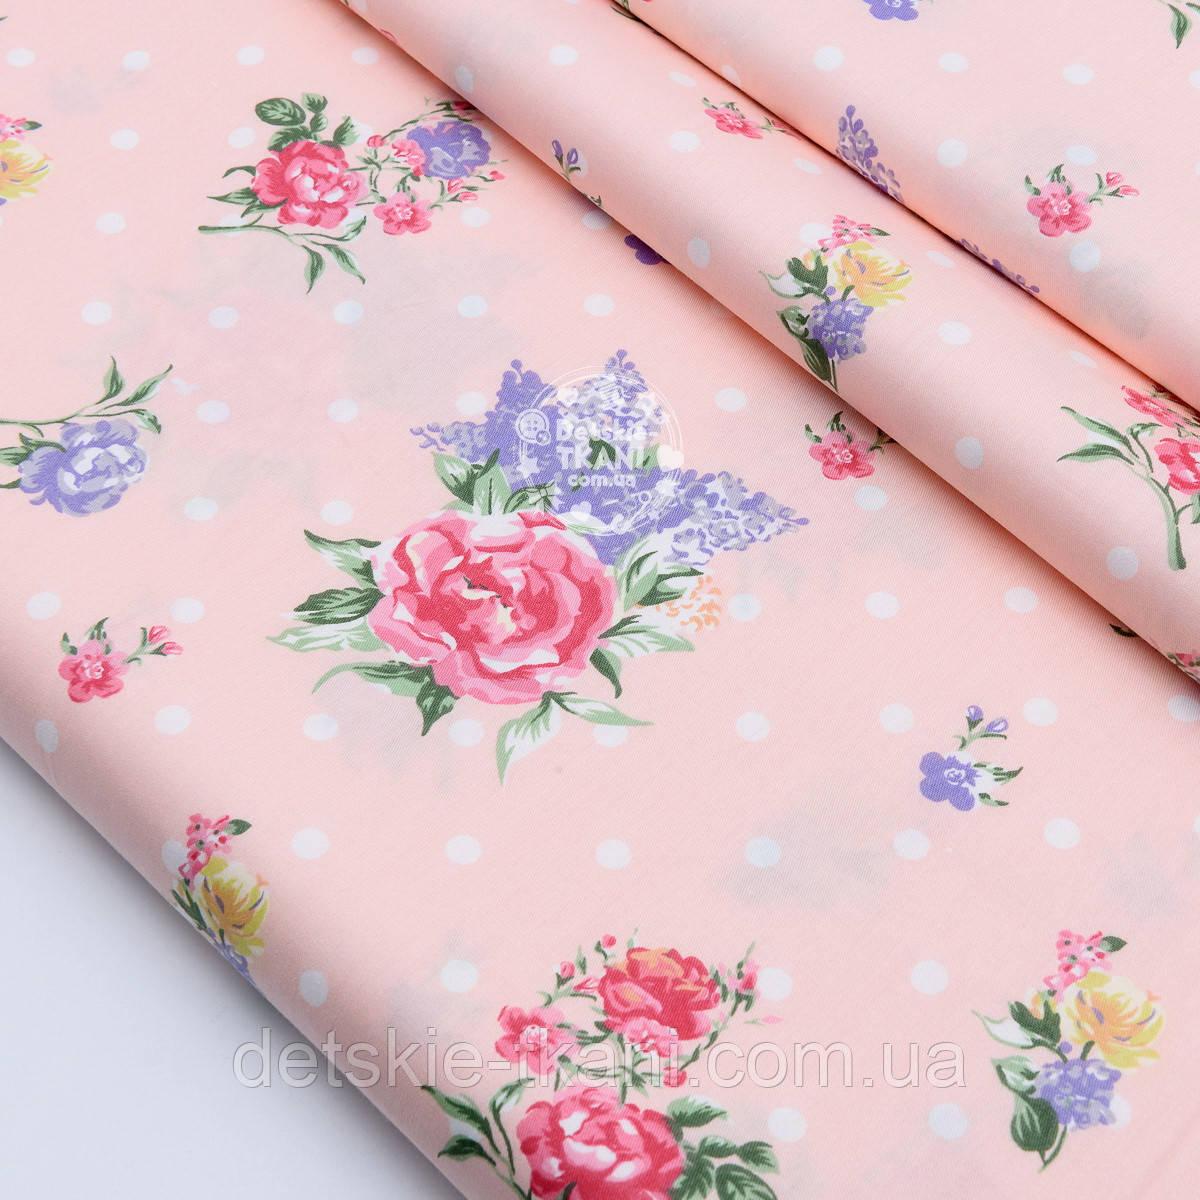 """Сатин ткань """"Букетики сиренево-розовые и белый горошек"""" на светло-персиковом фоне, №1716с"""